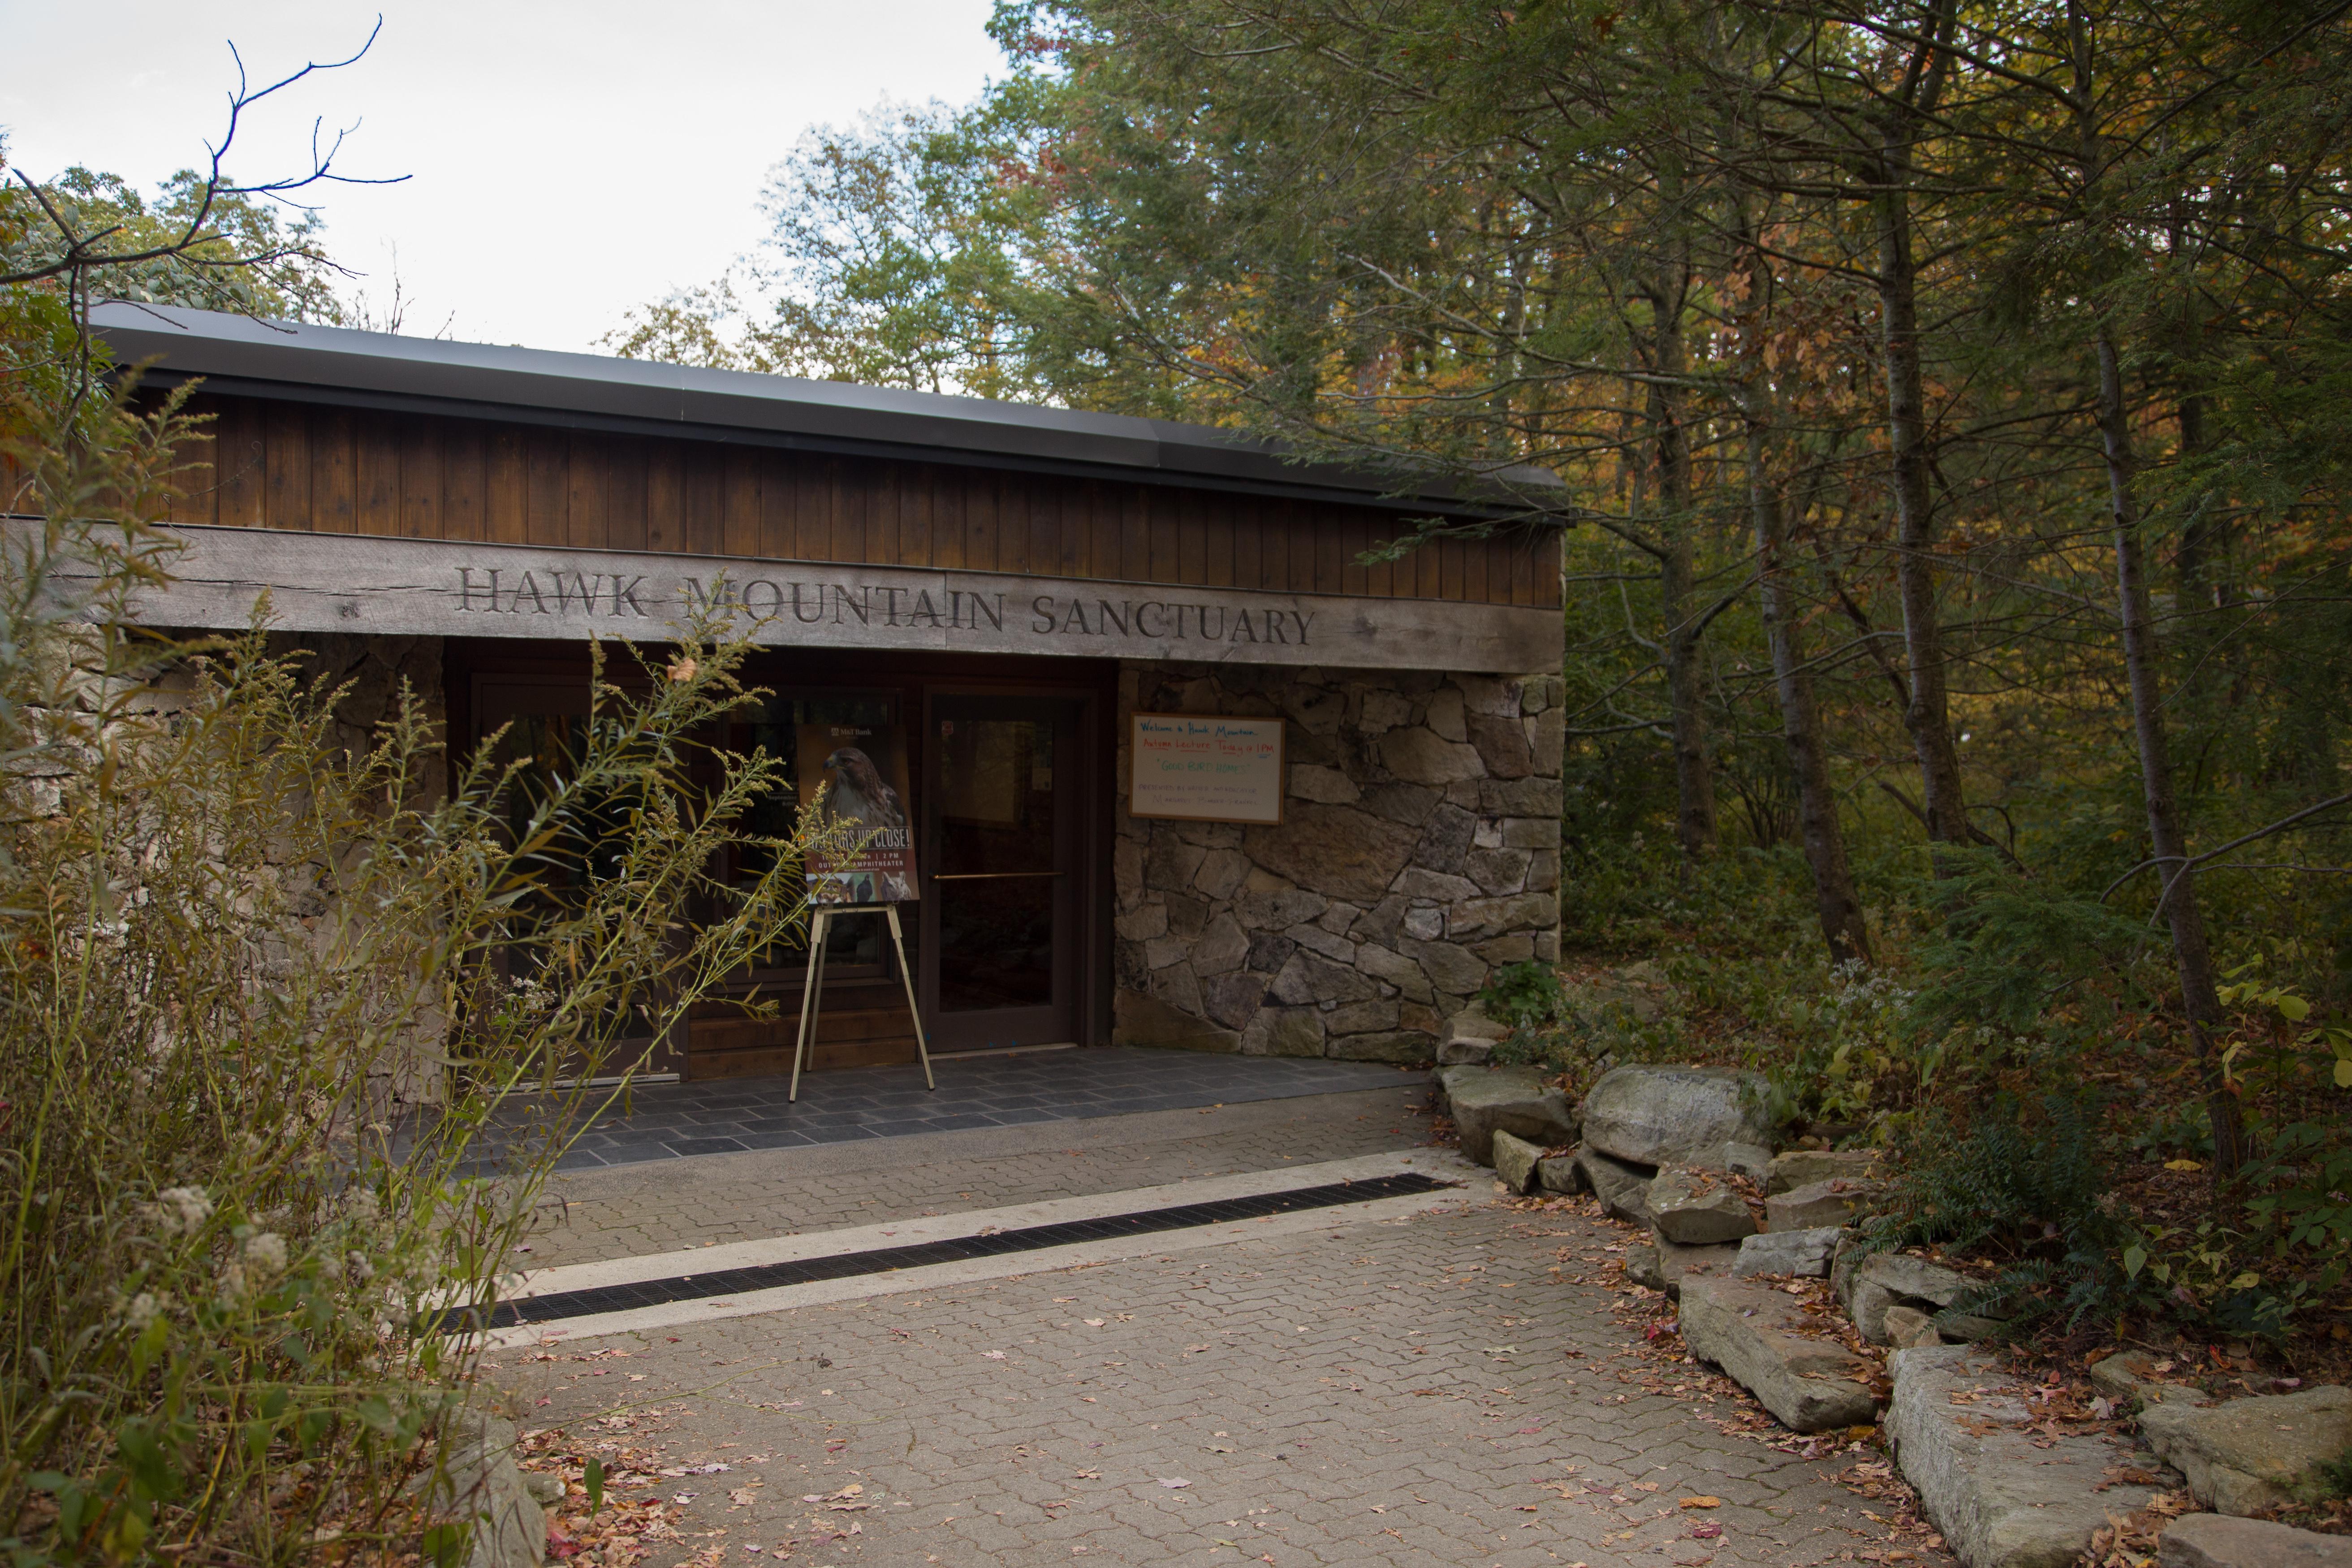 Hawk Mountain Sanctuary | Kempton, PA 19529